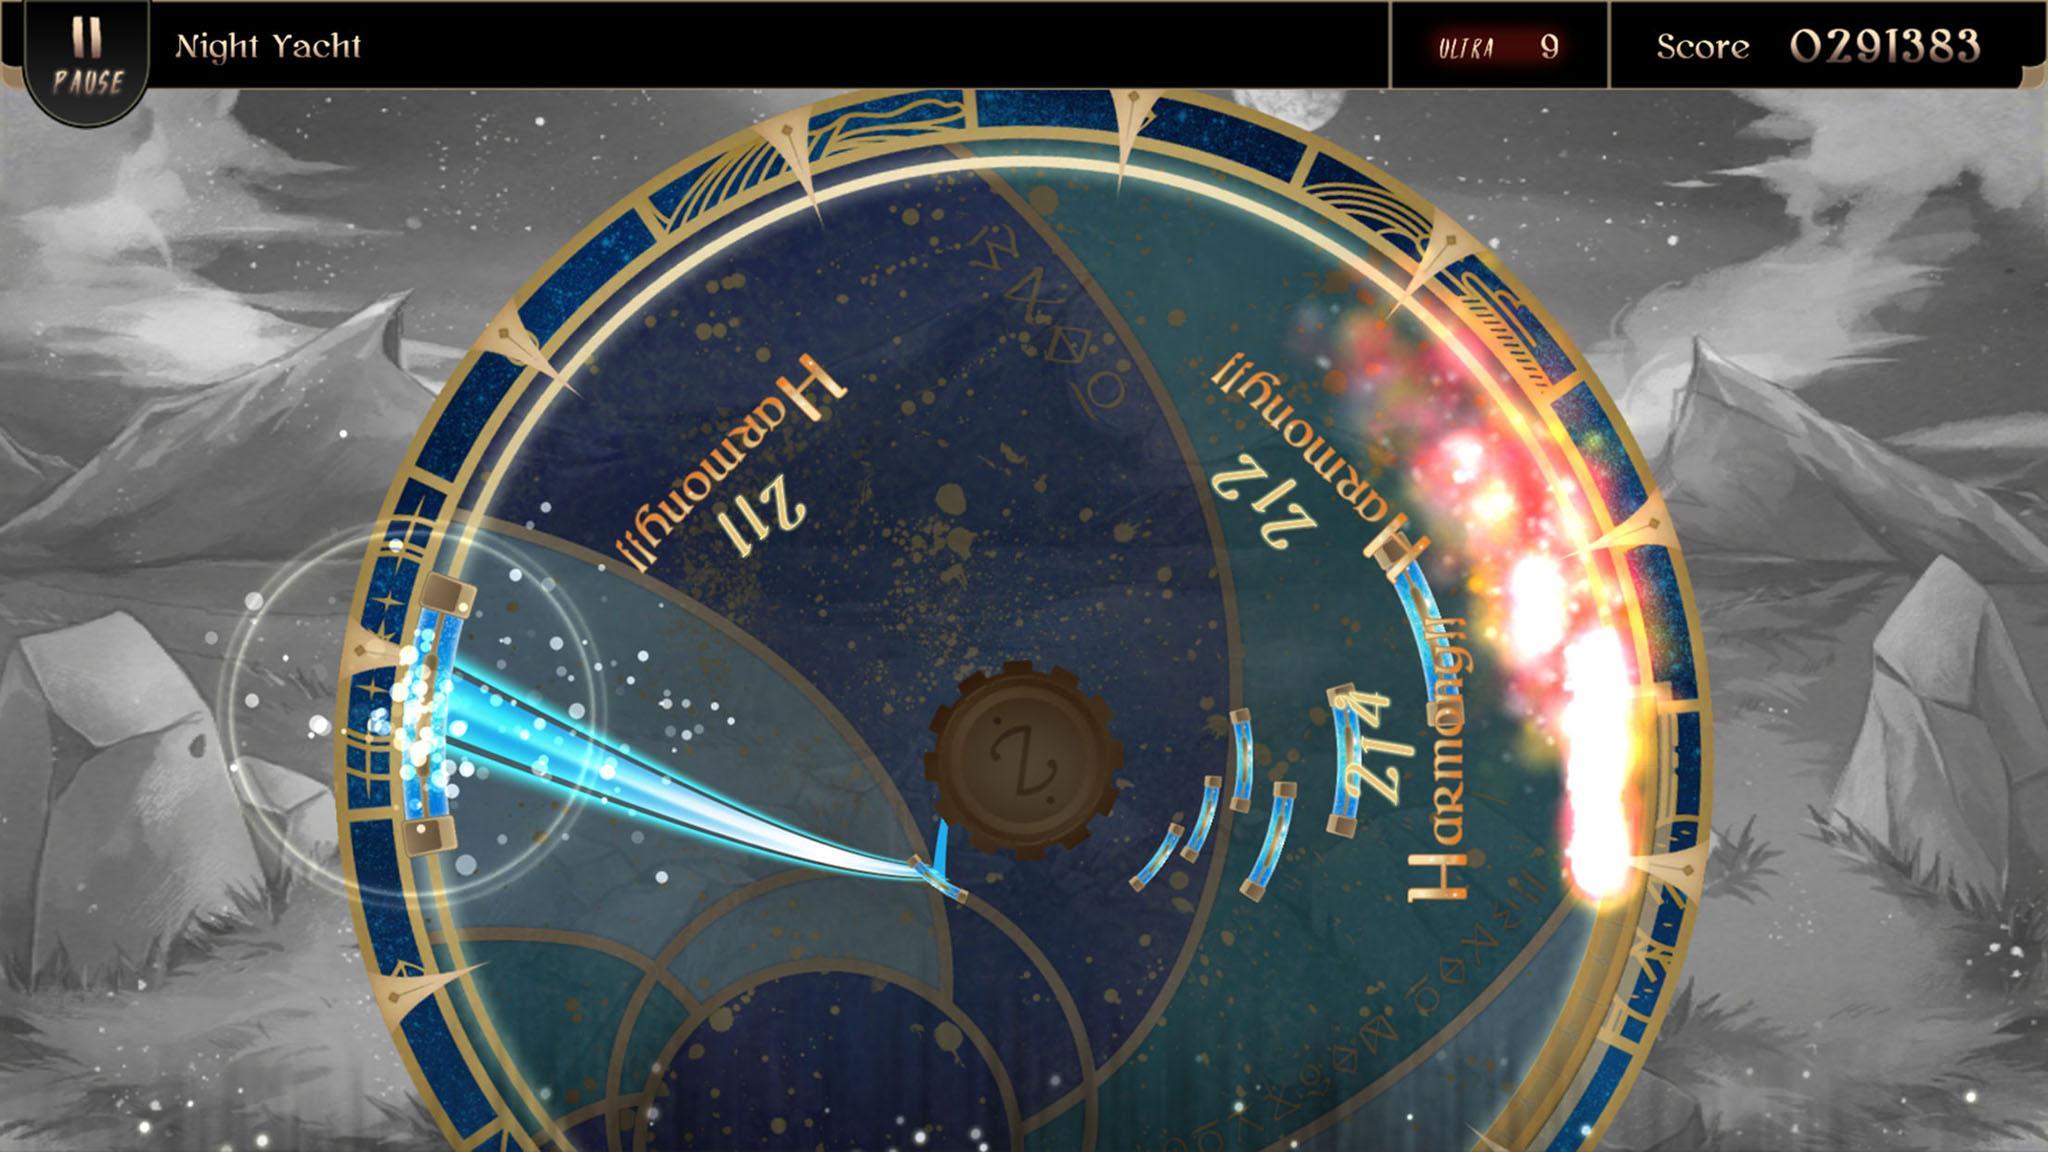 Lanota Dynamic & Challenging Music Game 2.5.3 Screenshot 2